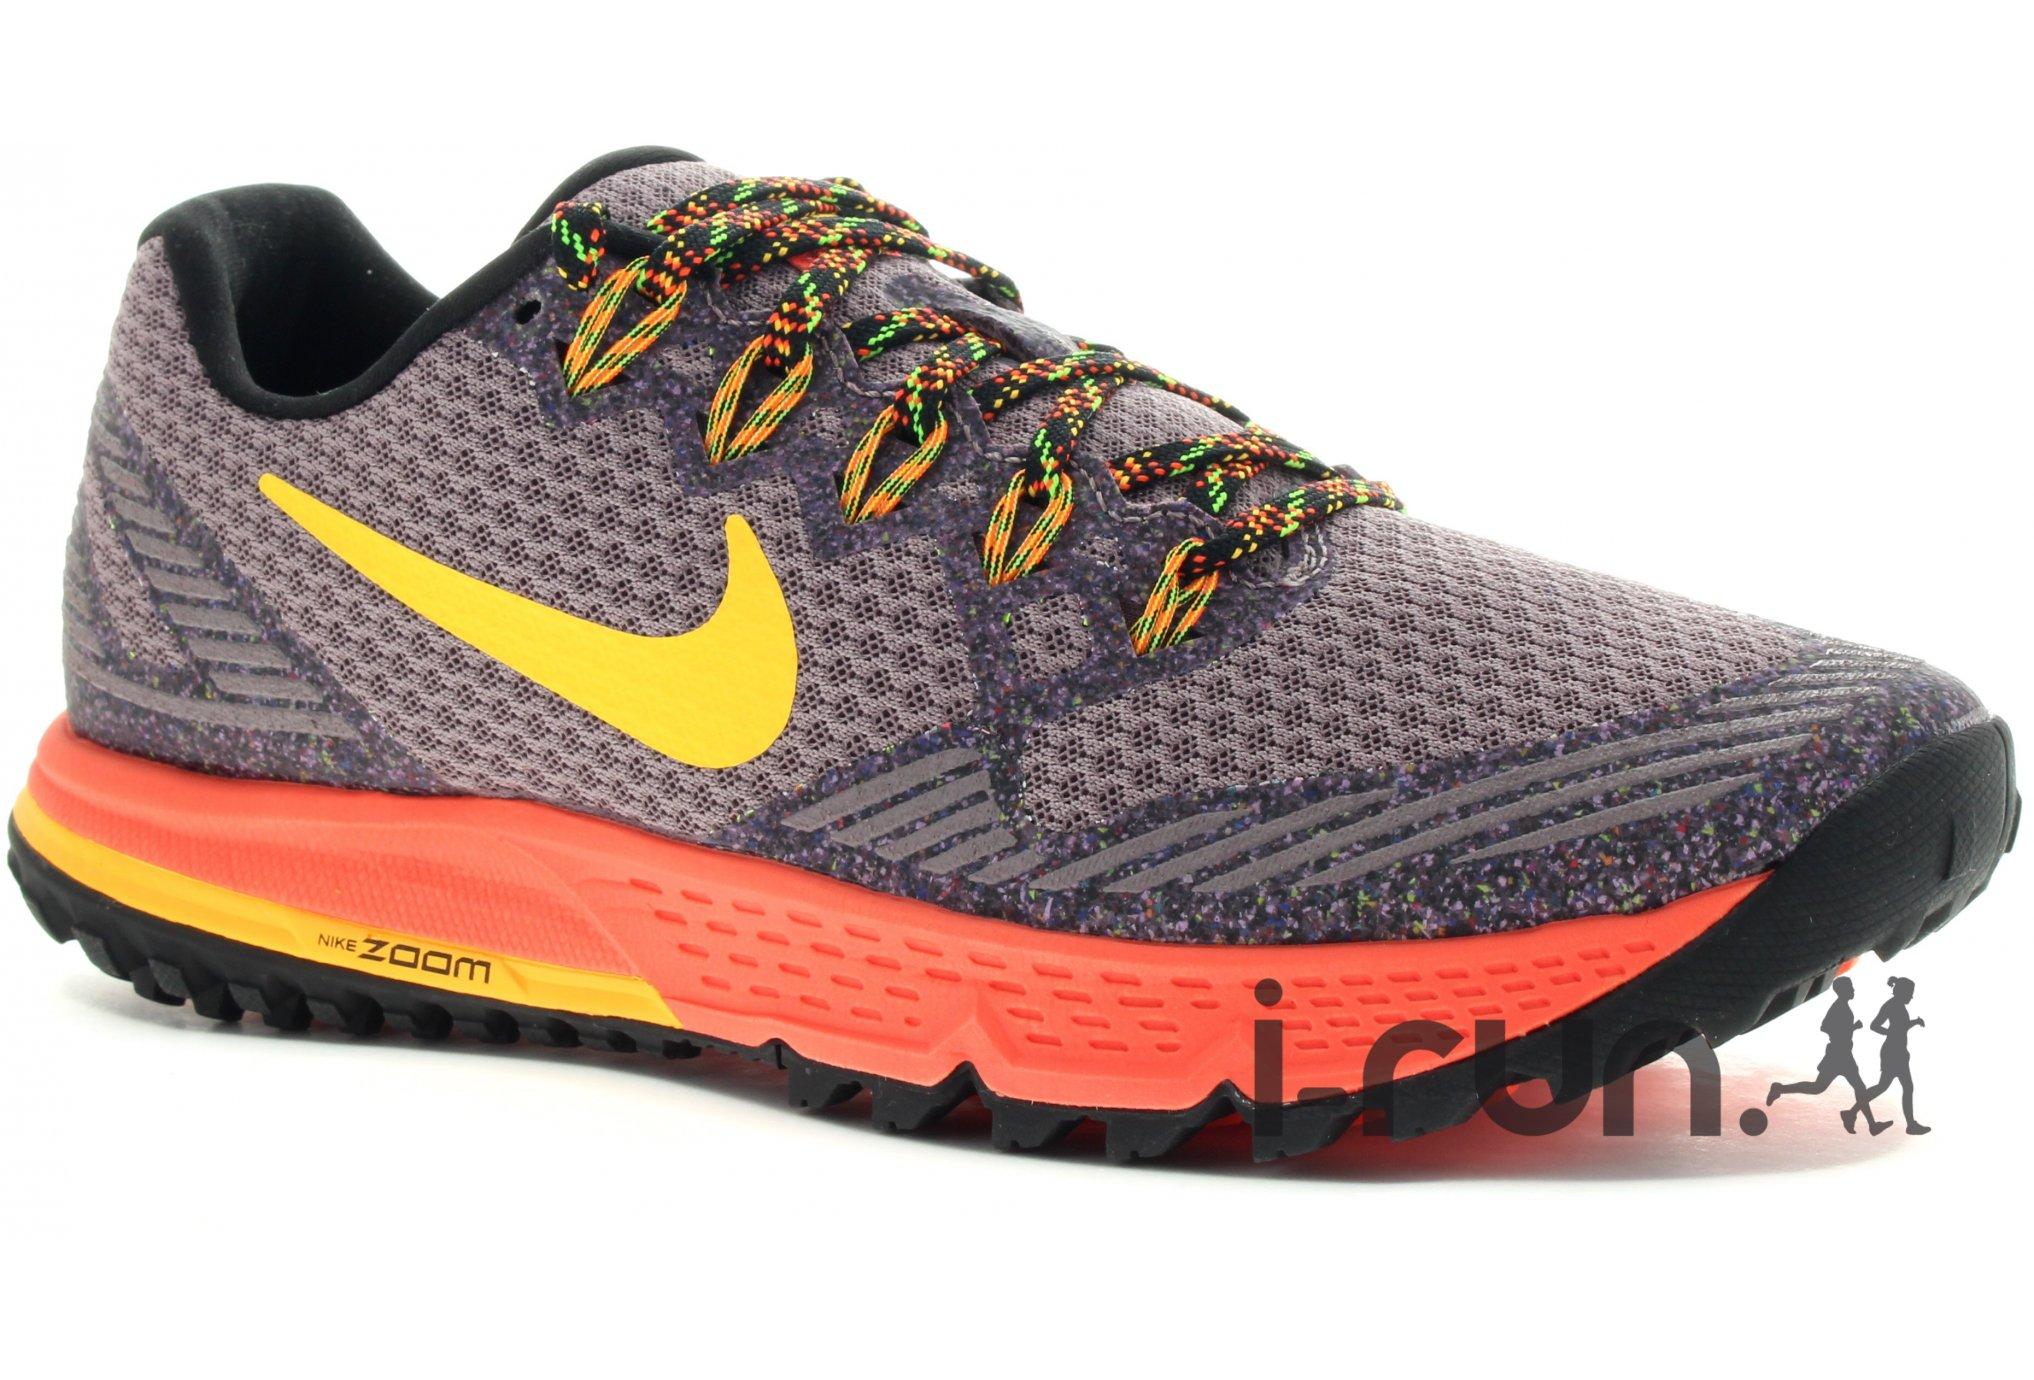 Nike Zoom Wildhorse 3 W Chaussures running femme